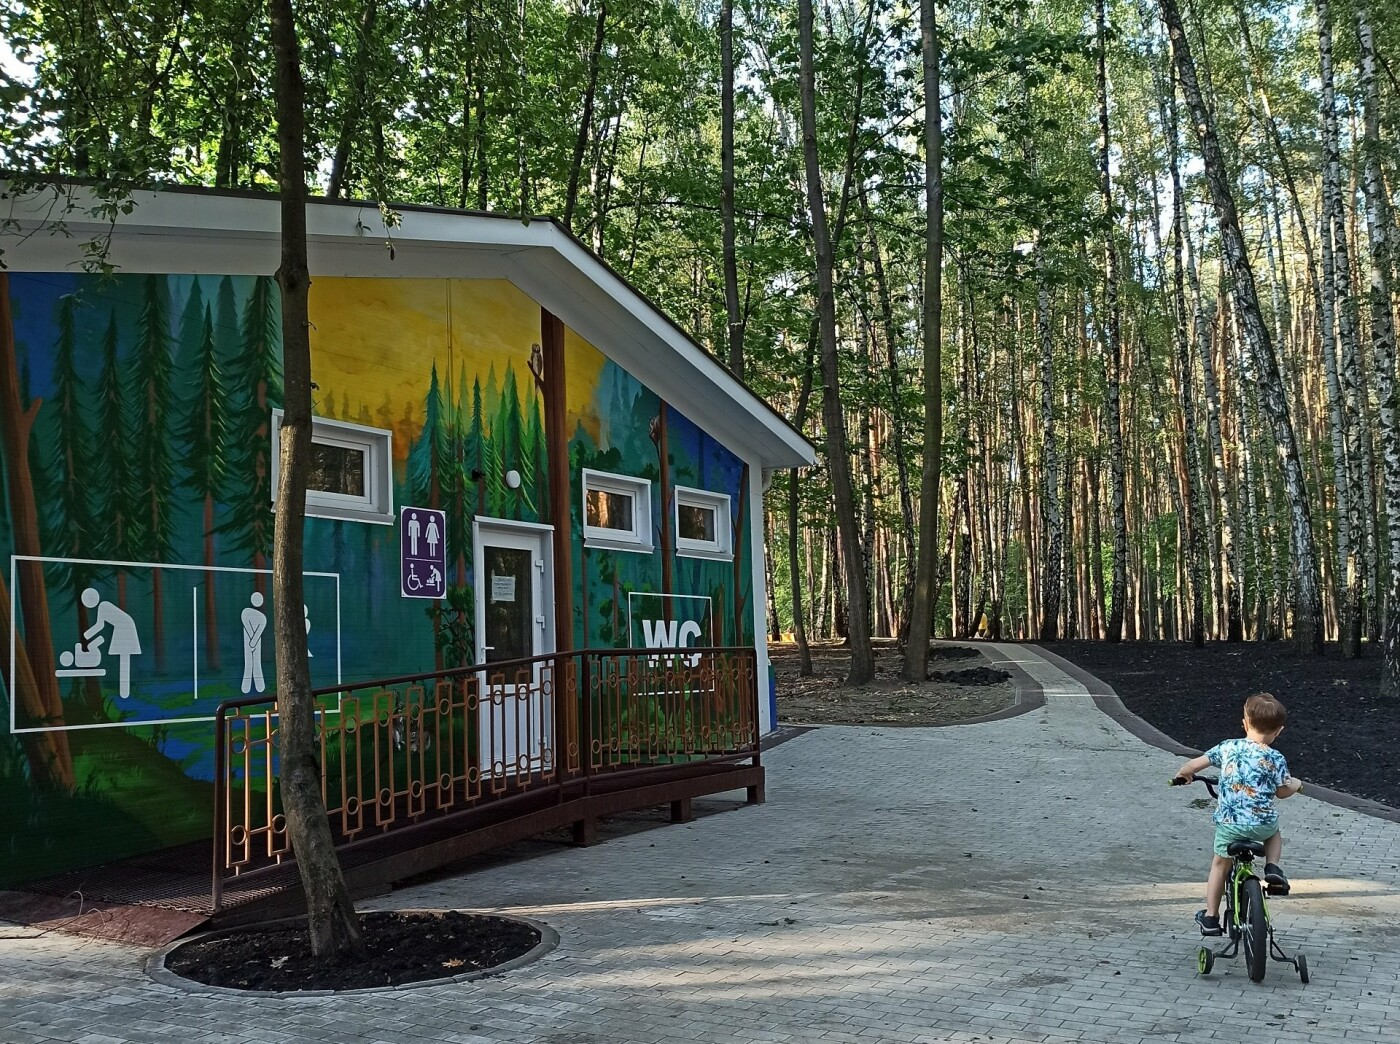 «Совки» на Борщаговке: чем интересен один из лучших парков Киева, - ФОТО, Фото: Sergey